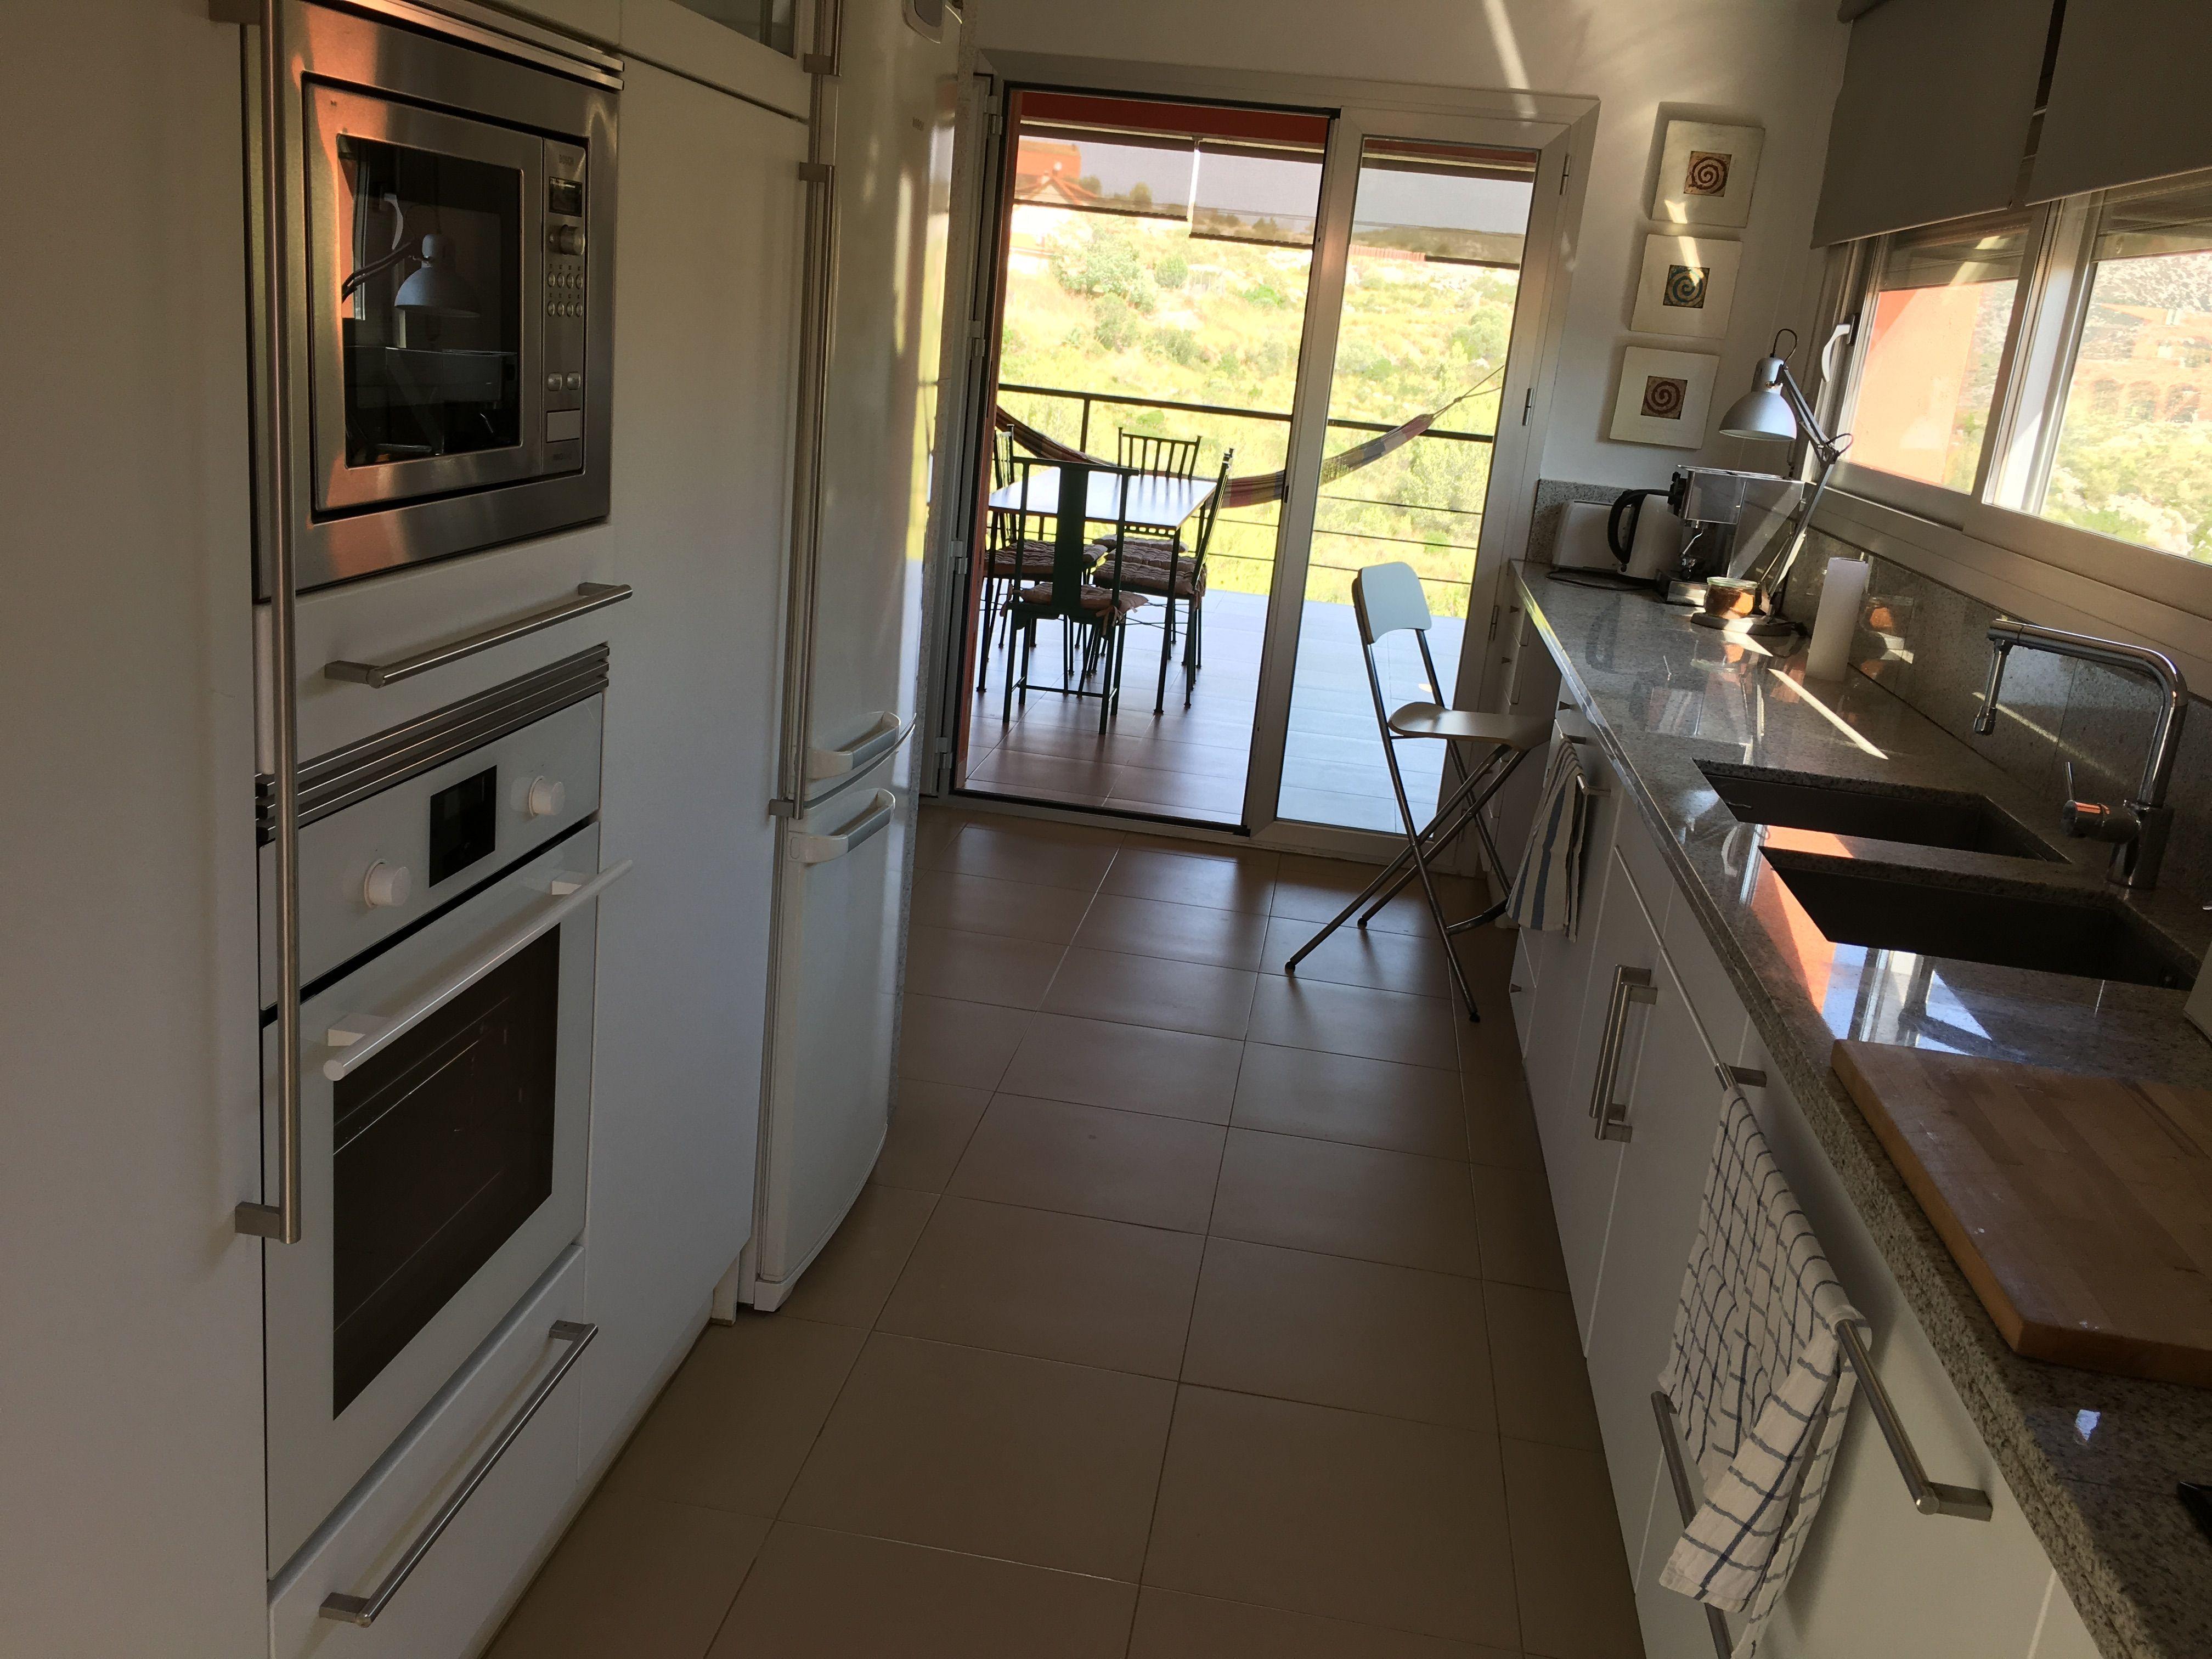 Cocina con salida a dos terrazas, una de ellas, cubierta